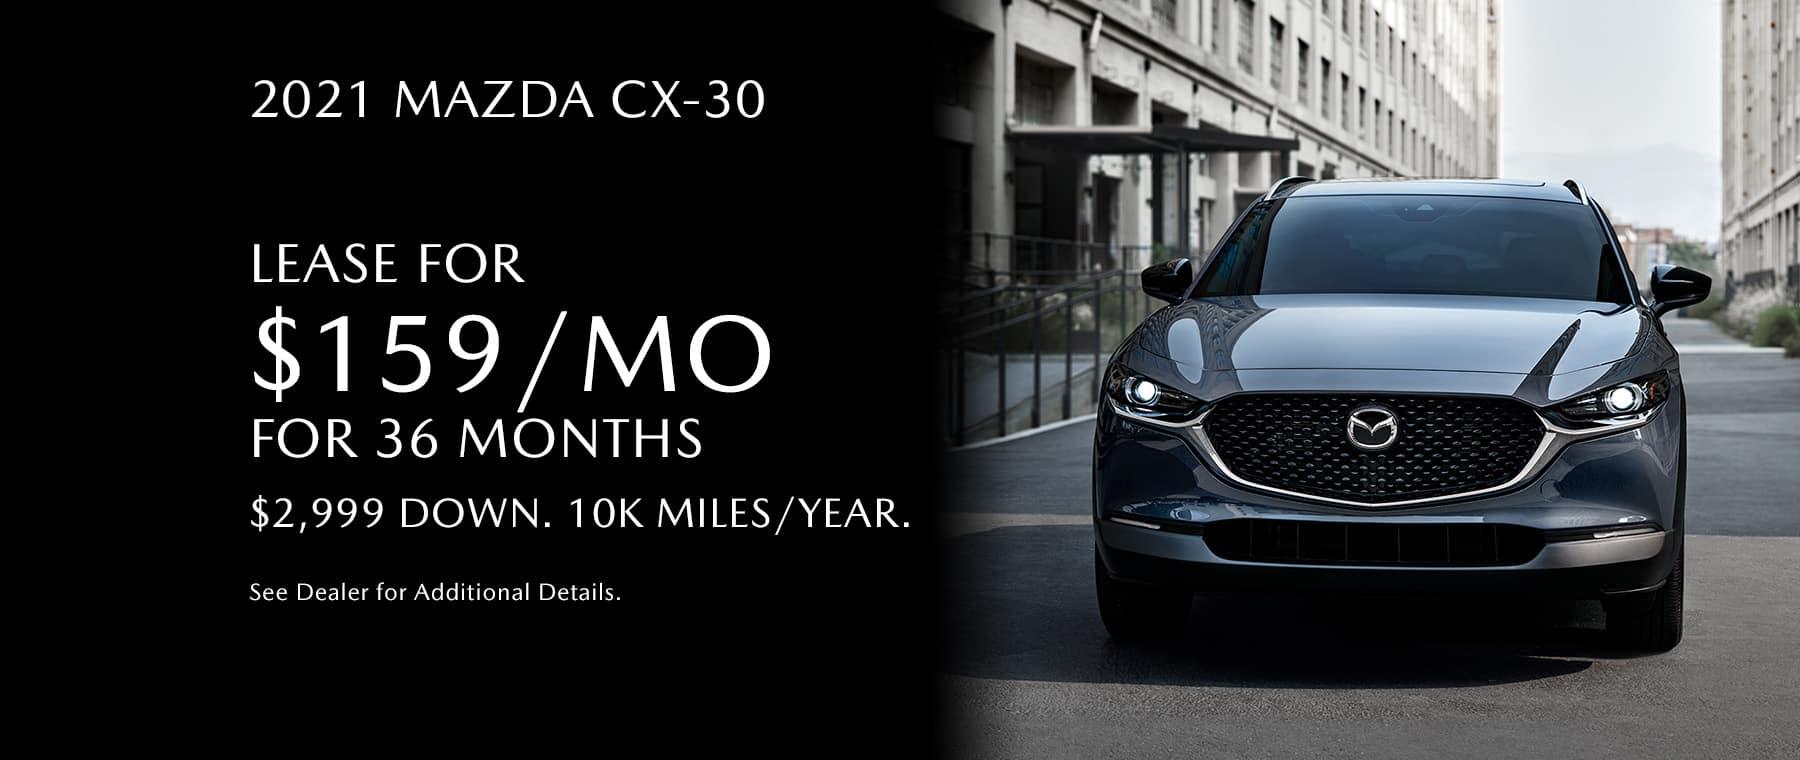 MazdaGastonia_Sliders_CX-30 (1)April